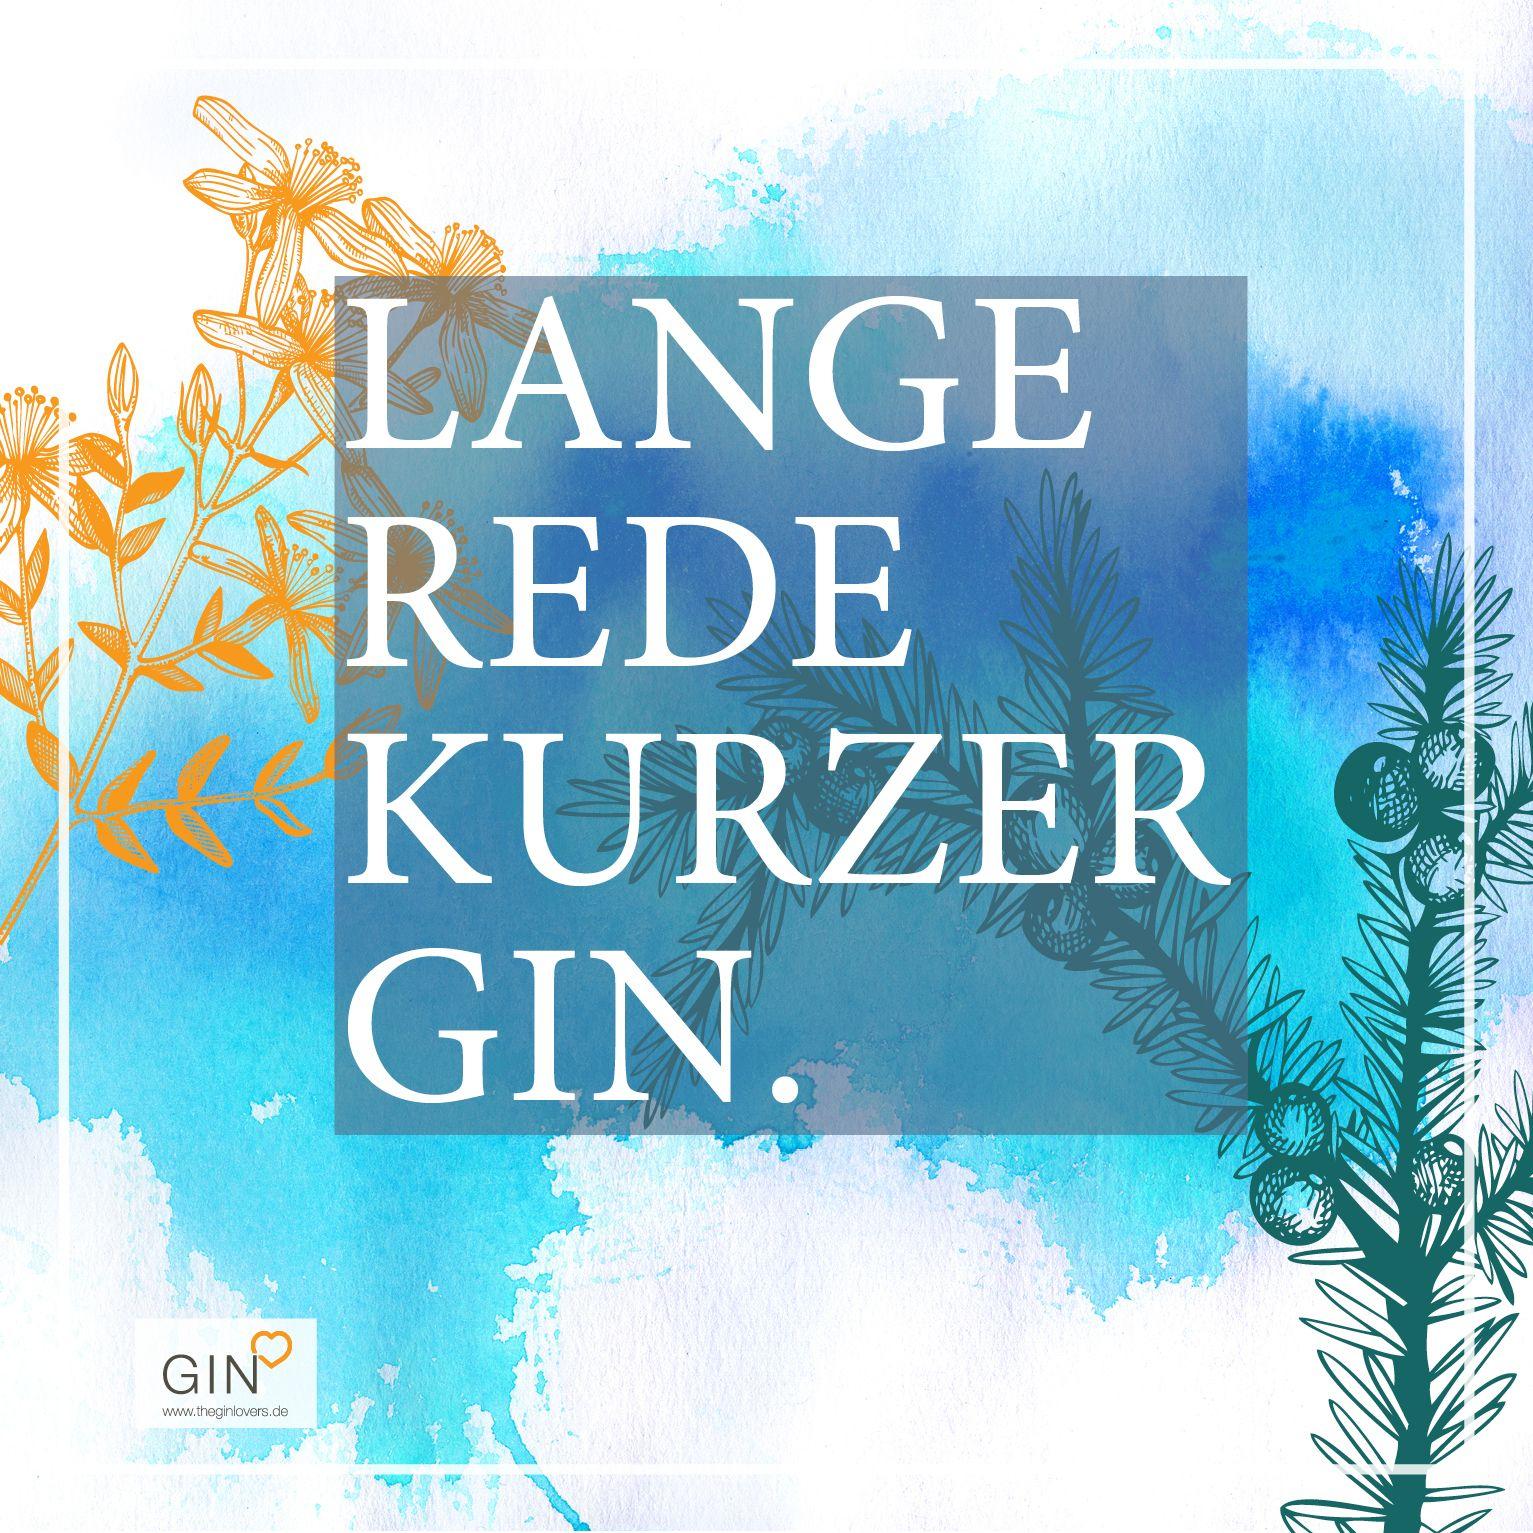 Lange Rede, kurzer Gin. Gin Quotes, Gin Zitate ...